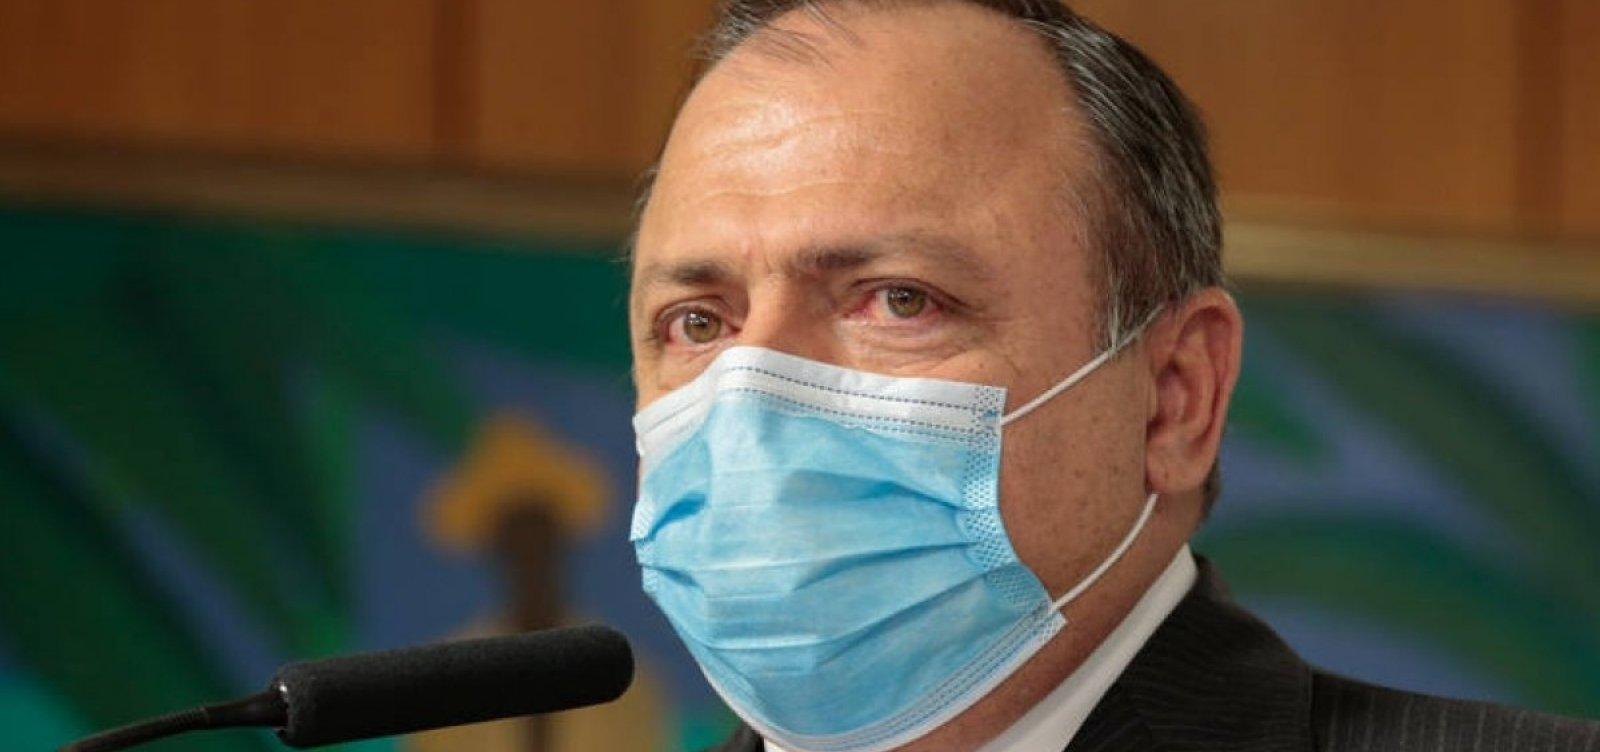 [Ministério da Saúde avalia fazer evento para celebrar início da vacinação contra Covid-19]